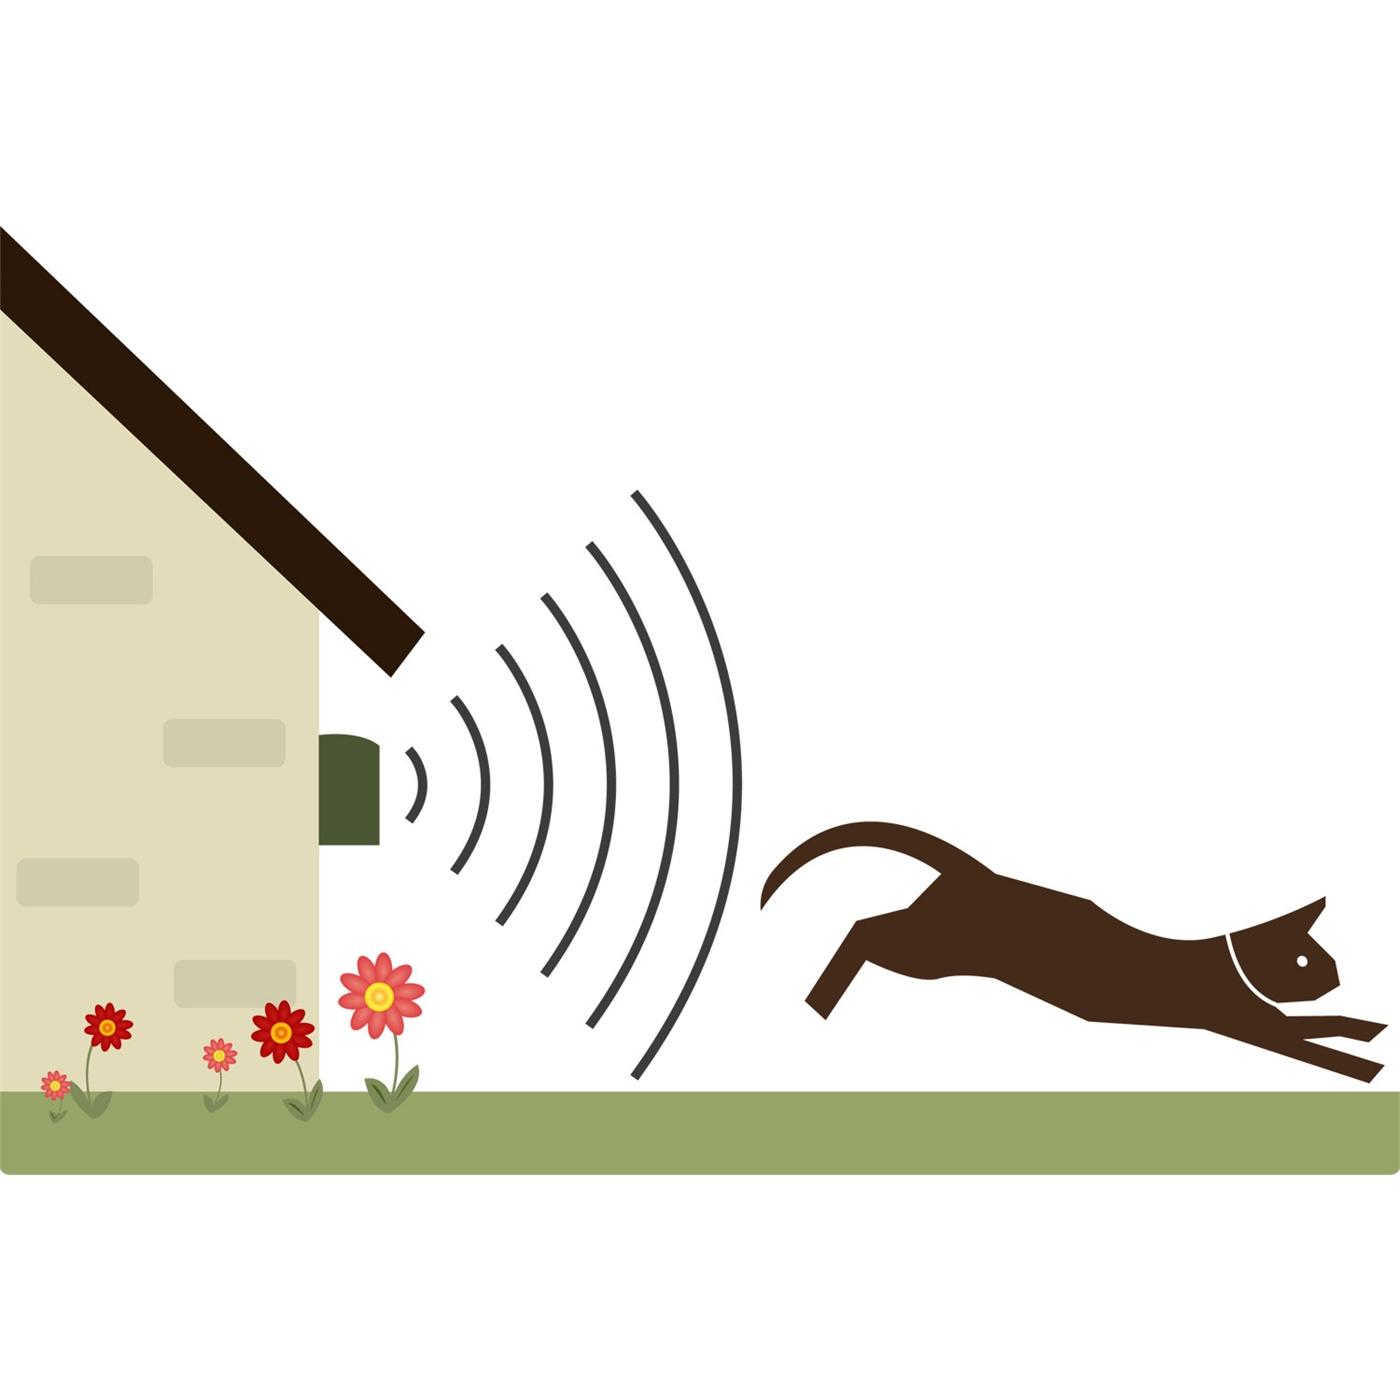 Katzenabwehr-Katzenvertreiber-Hundeabwehr-Katzenschreck-Marder-Tierschreck